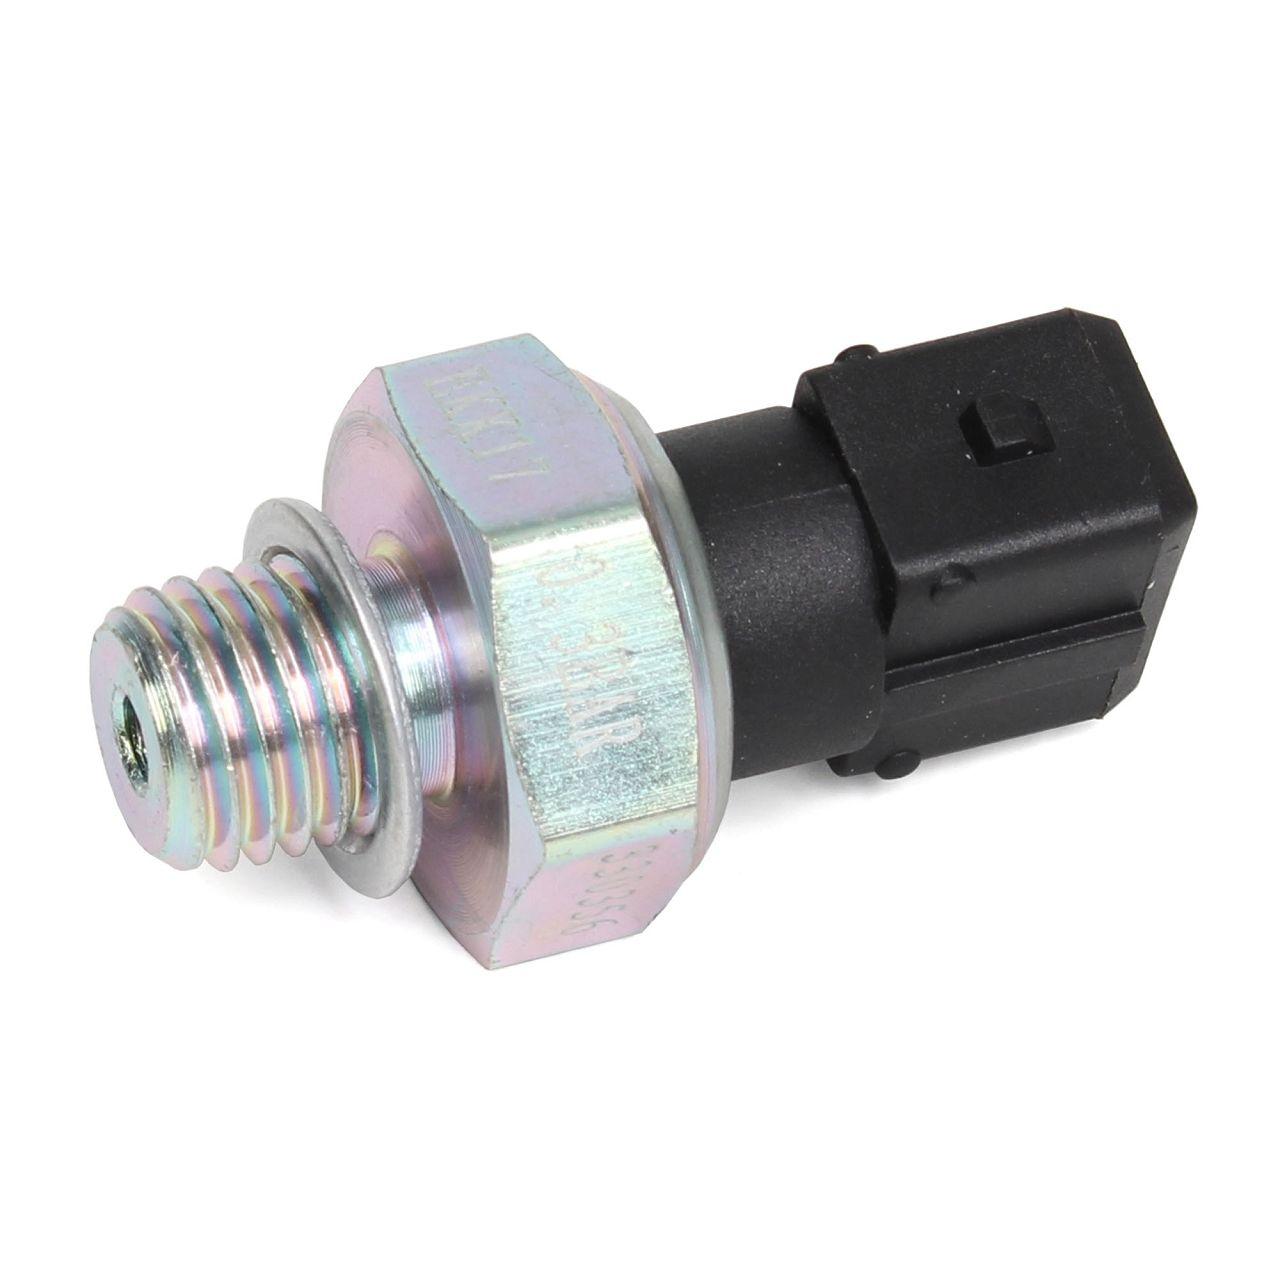 2x Öldruckschalter Öldrucksensor Sensor Öldruck 0,2-0,5 bar für BMW OPEL